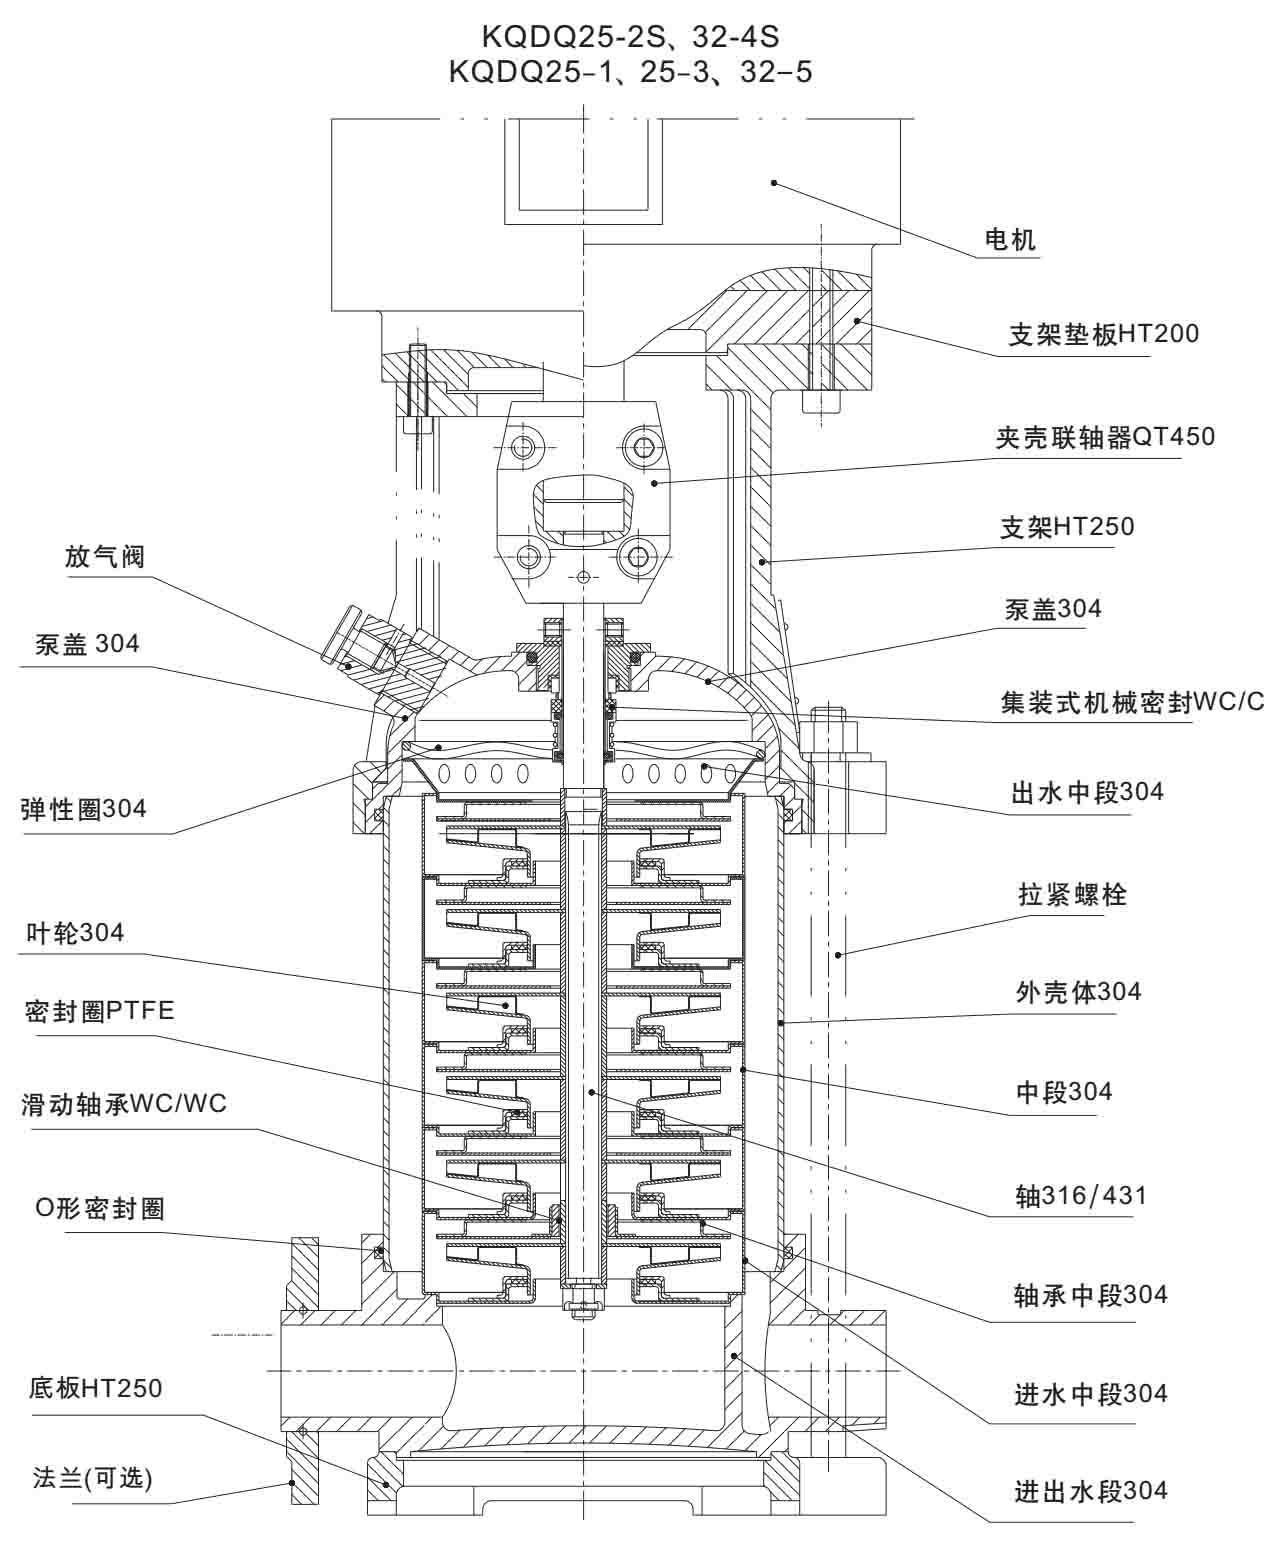 凯泉不锈钢冲压焊接立式多级泵,分为KQDP型、KQDQ型。适用于建筑给水、锅炉供水、空调冷却、 热水循环、消防等场合,可输送清水或类似于清水的液体,液体最高温度105,最低温度-20。KQDQ型还可用于饮料、医药等领域。 KQDQ型立式多级泵,其全部过流部件均为不锈钢制造。 KQDP型、KQDQ型立式多级泵的进出口在同一直线,方便用户的管路连接。泵轴封采用集装式机械密封,无泄漏。机封维修方便,更换机封时,不需要拆泵。配用电机的能效标准为国家二级、三级。其效率高,绝缘等级高,防护等级高。 本产品符合GB/